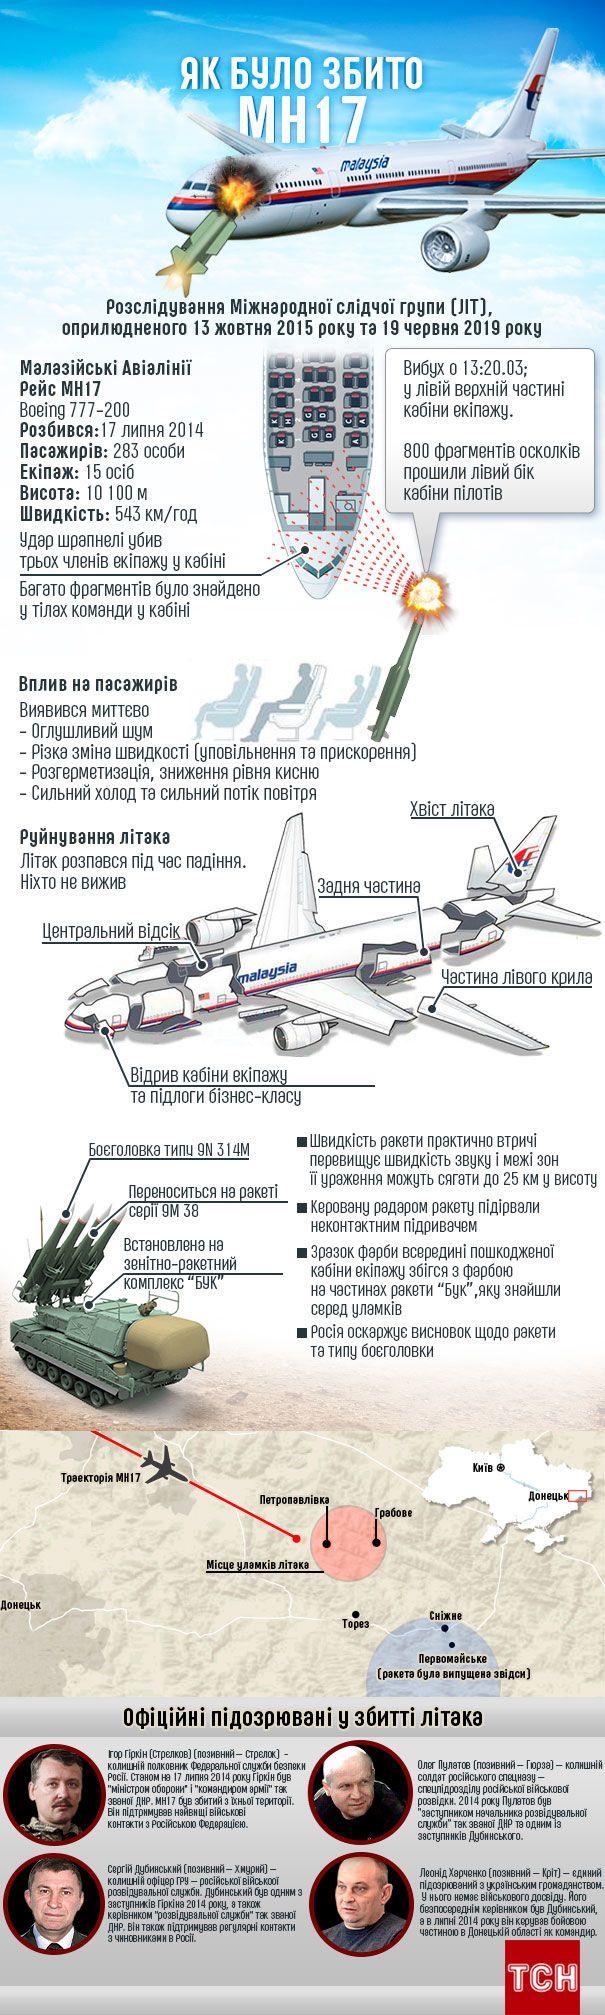 Як було збито MH17, оновлена інфографіка